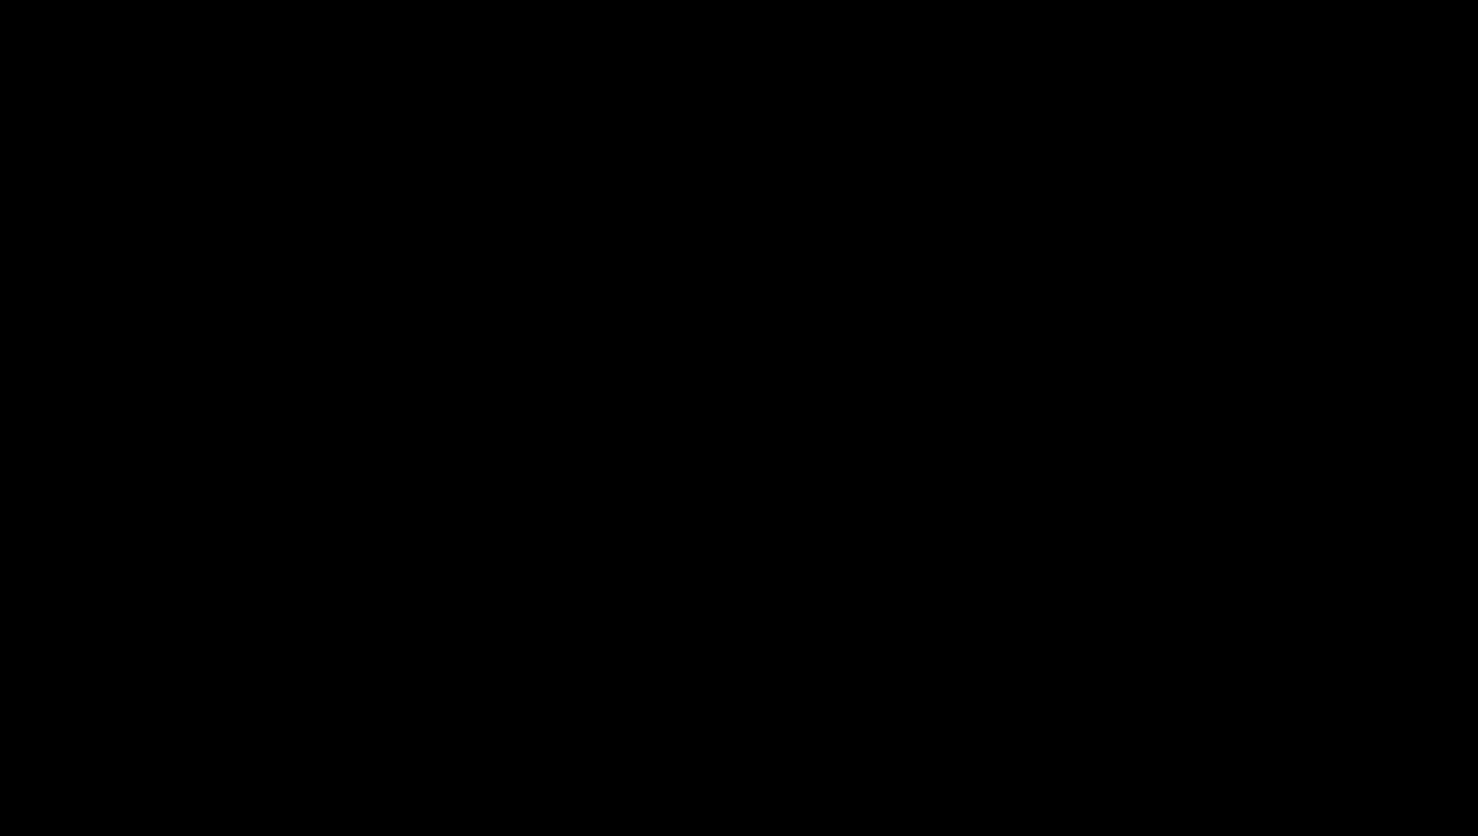 4-Glutathionyl Cyclophosphamide-d<sub>4</sub>